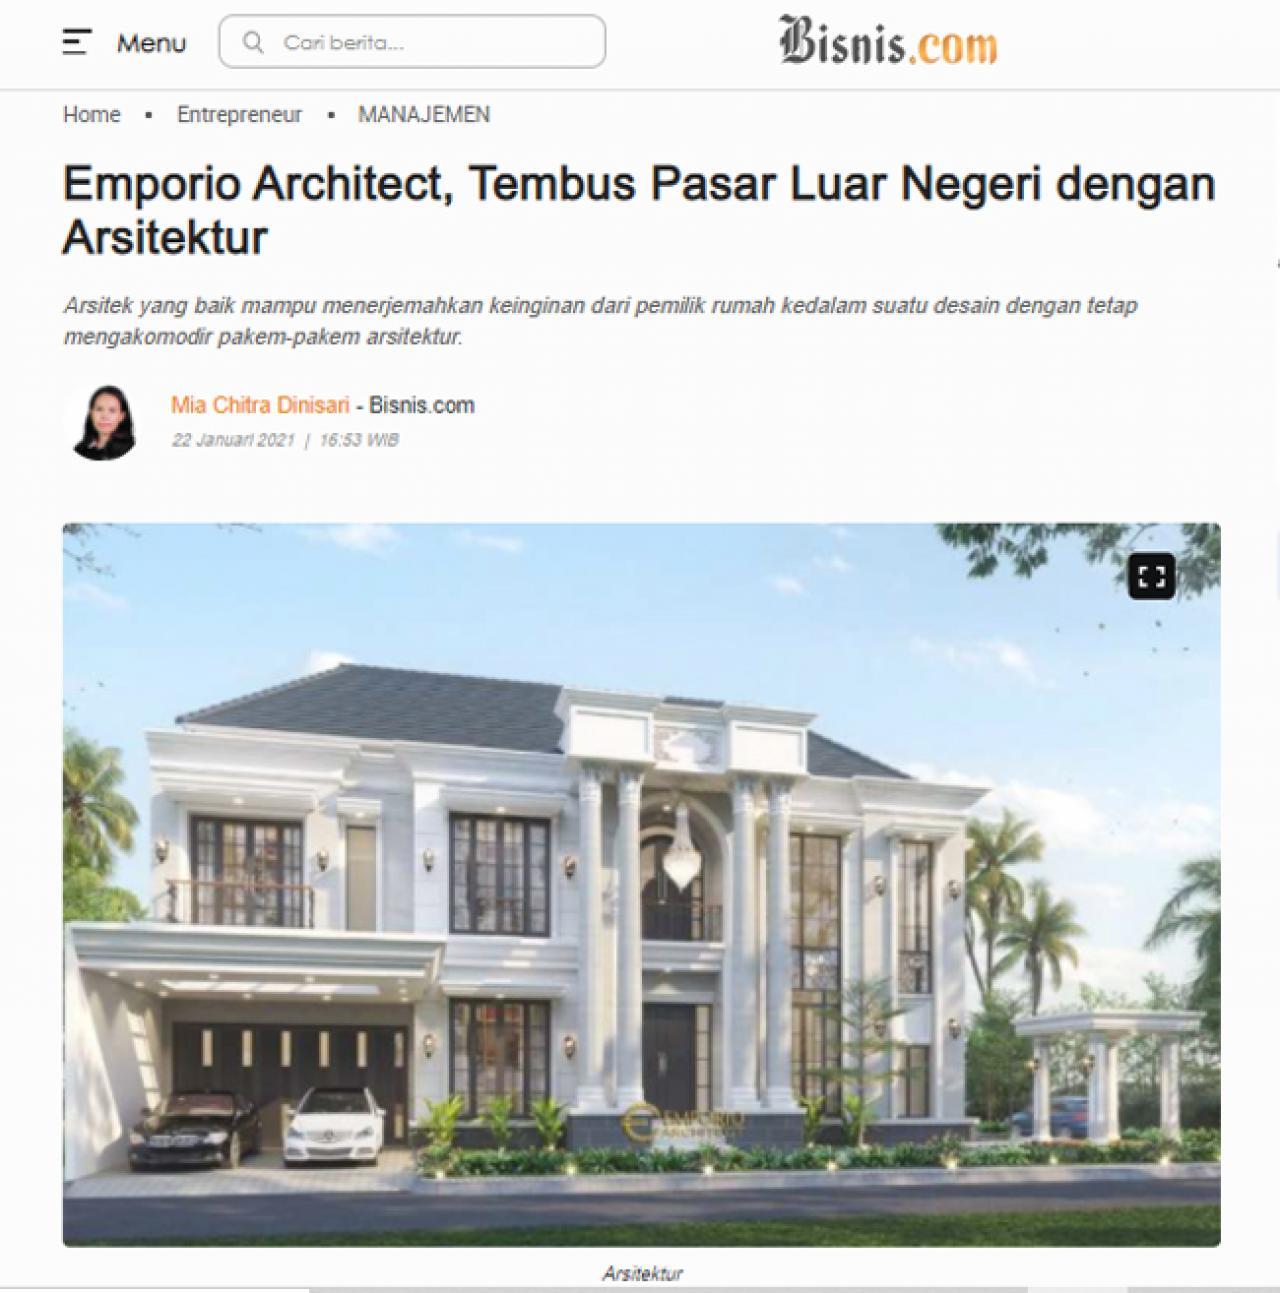 Ulasan Media Bisnis.com - Emporio Architect, Tembus Pasar Luar Negeri dengan Arsitektur